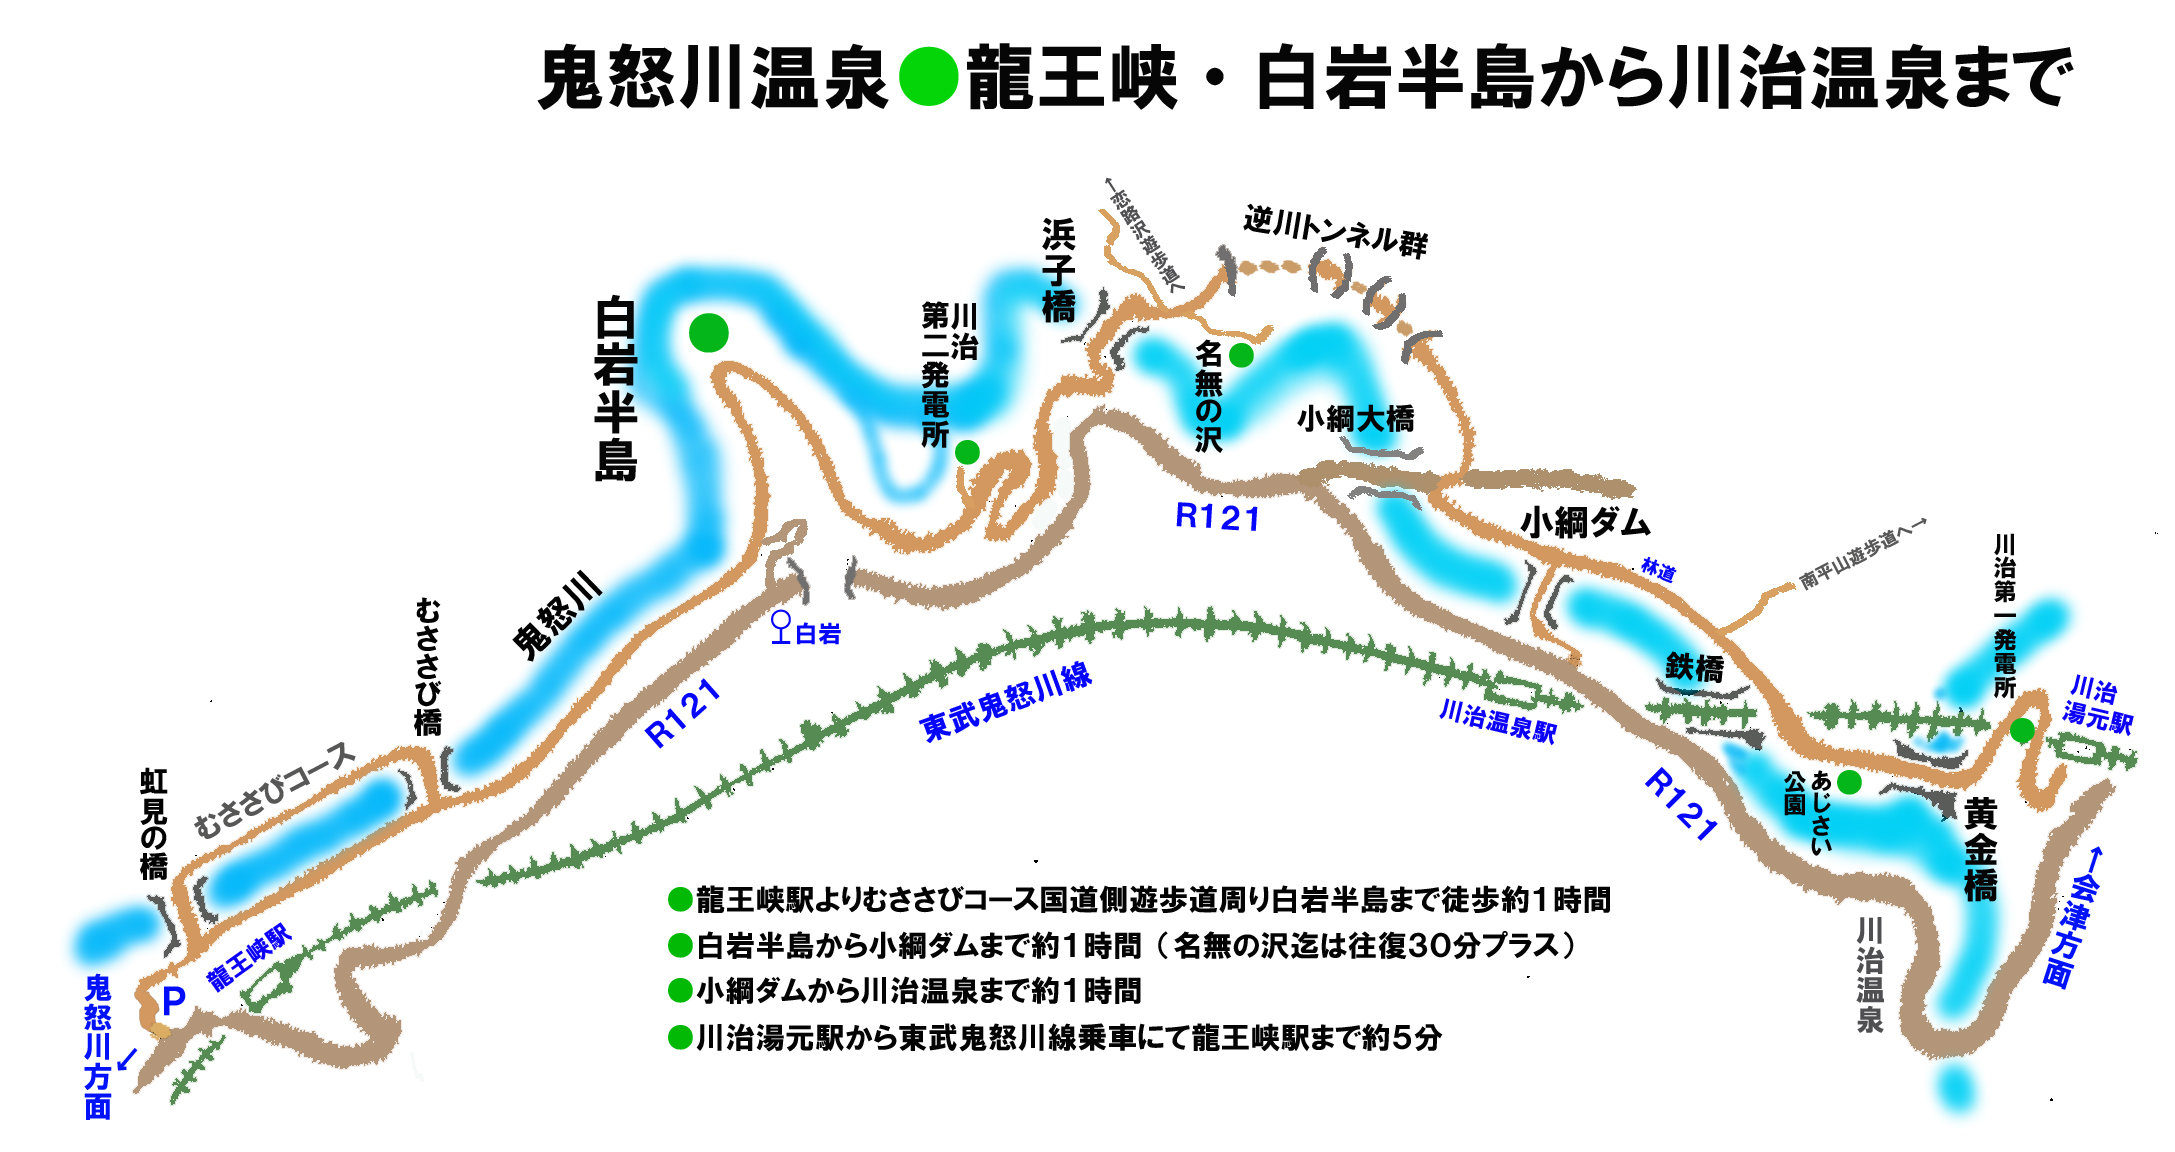 龍王峡全コース 白岩から川治画像.jpg